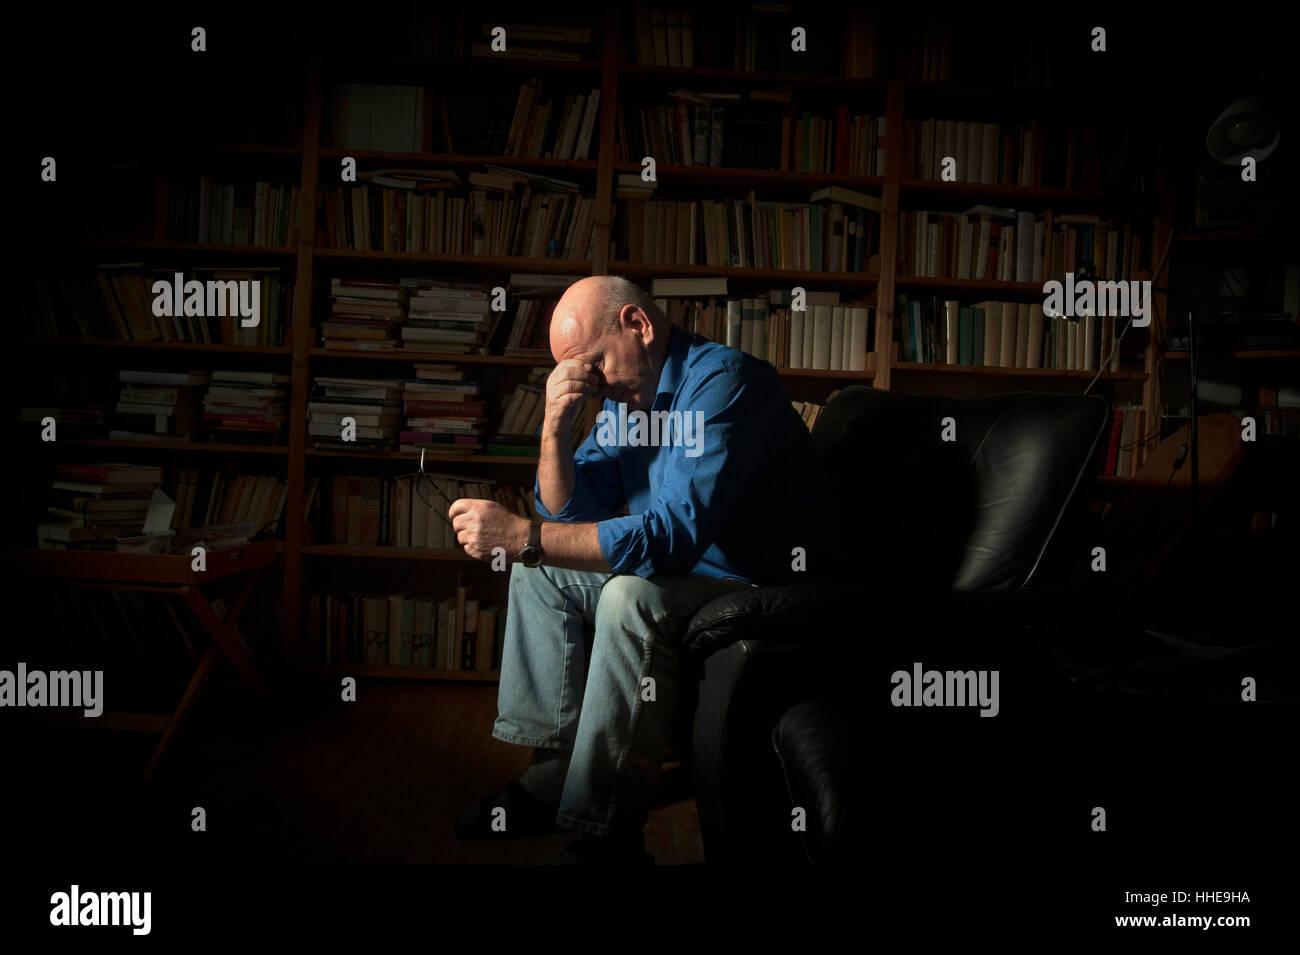 Un homme âgé souffrant de dépression/anxiété/tristesse. Photo Stock